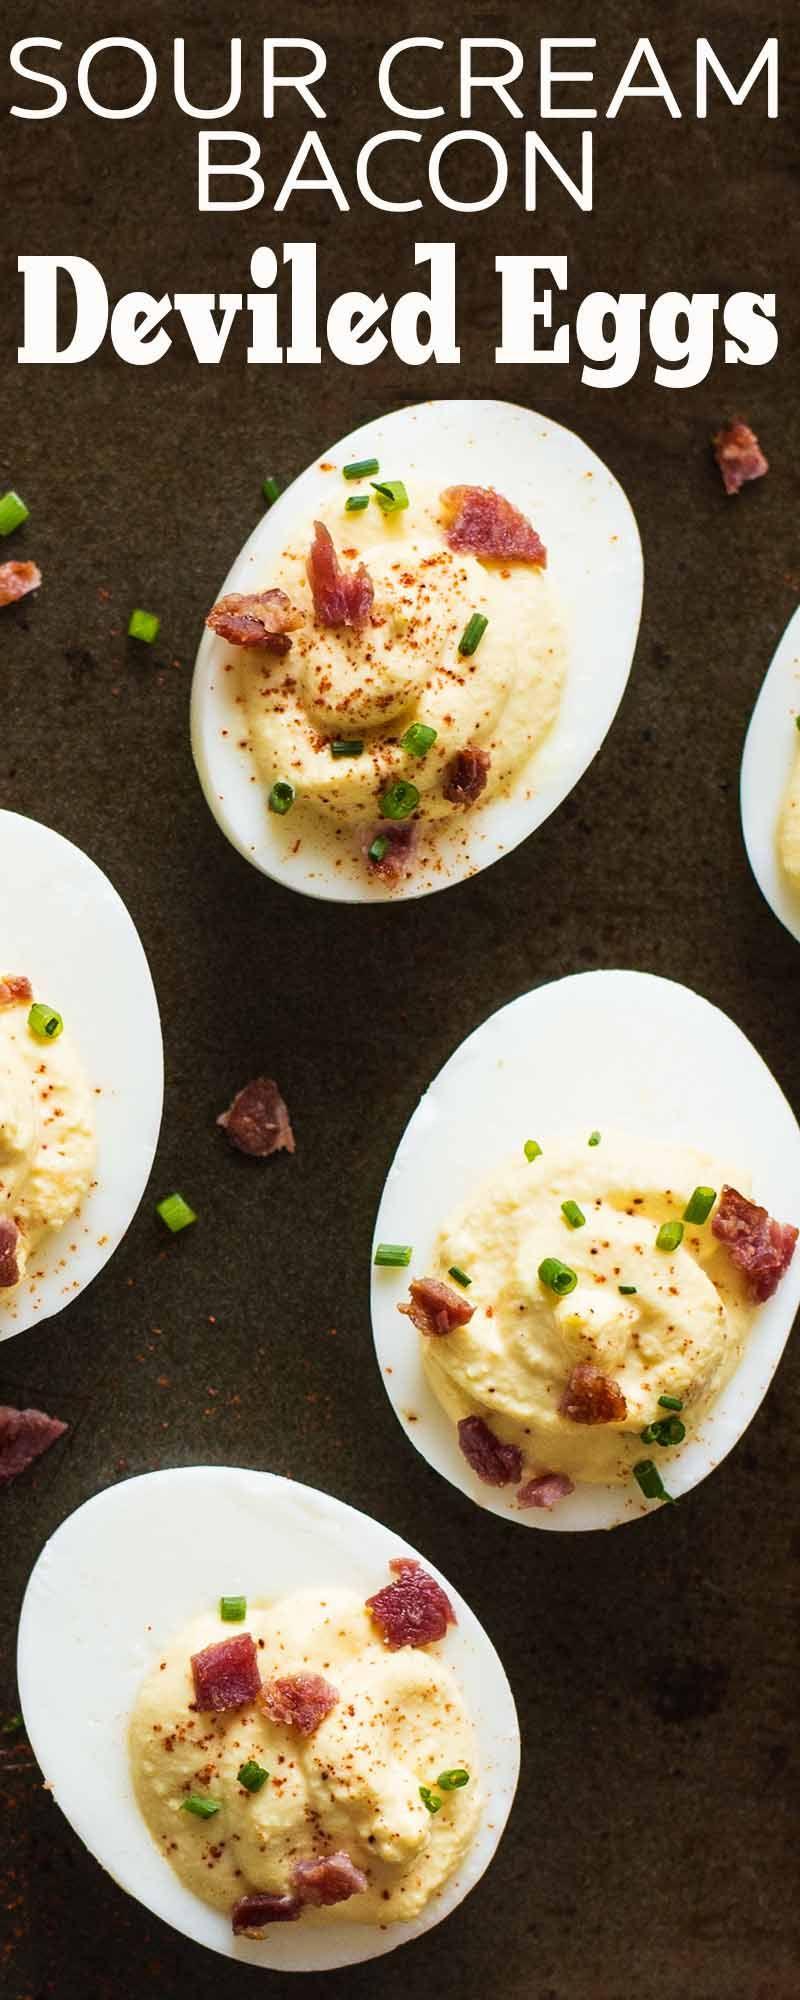 Sour Cream And Bacon Deviled Eggs Recipe Simplyrecipes Com Recipe Bacon Deviled Eggs Deviled Eggs Deviled Eggs Recipe